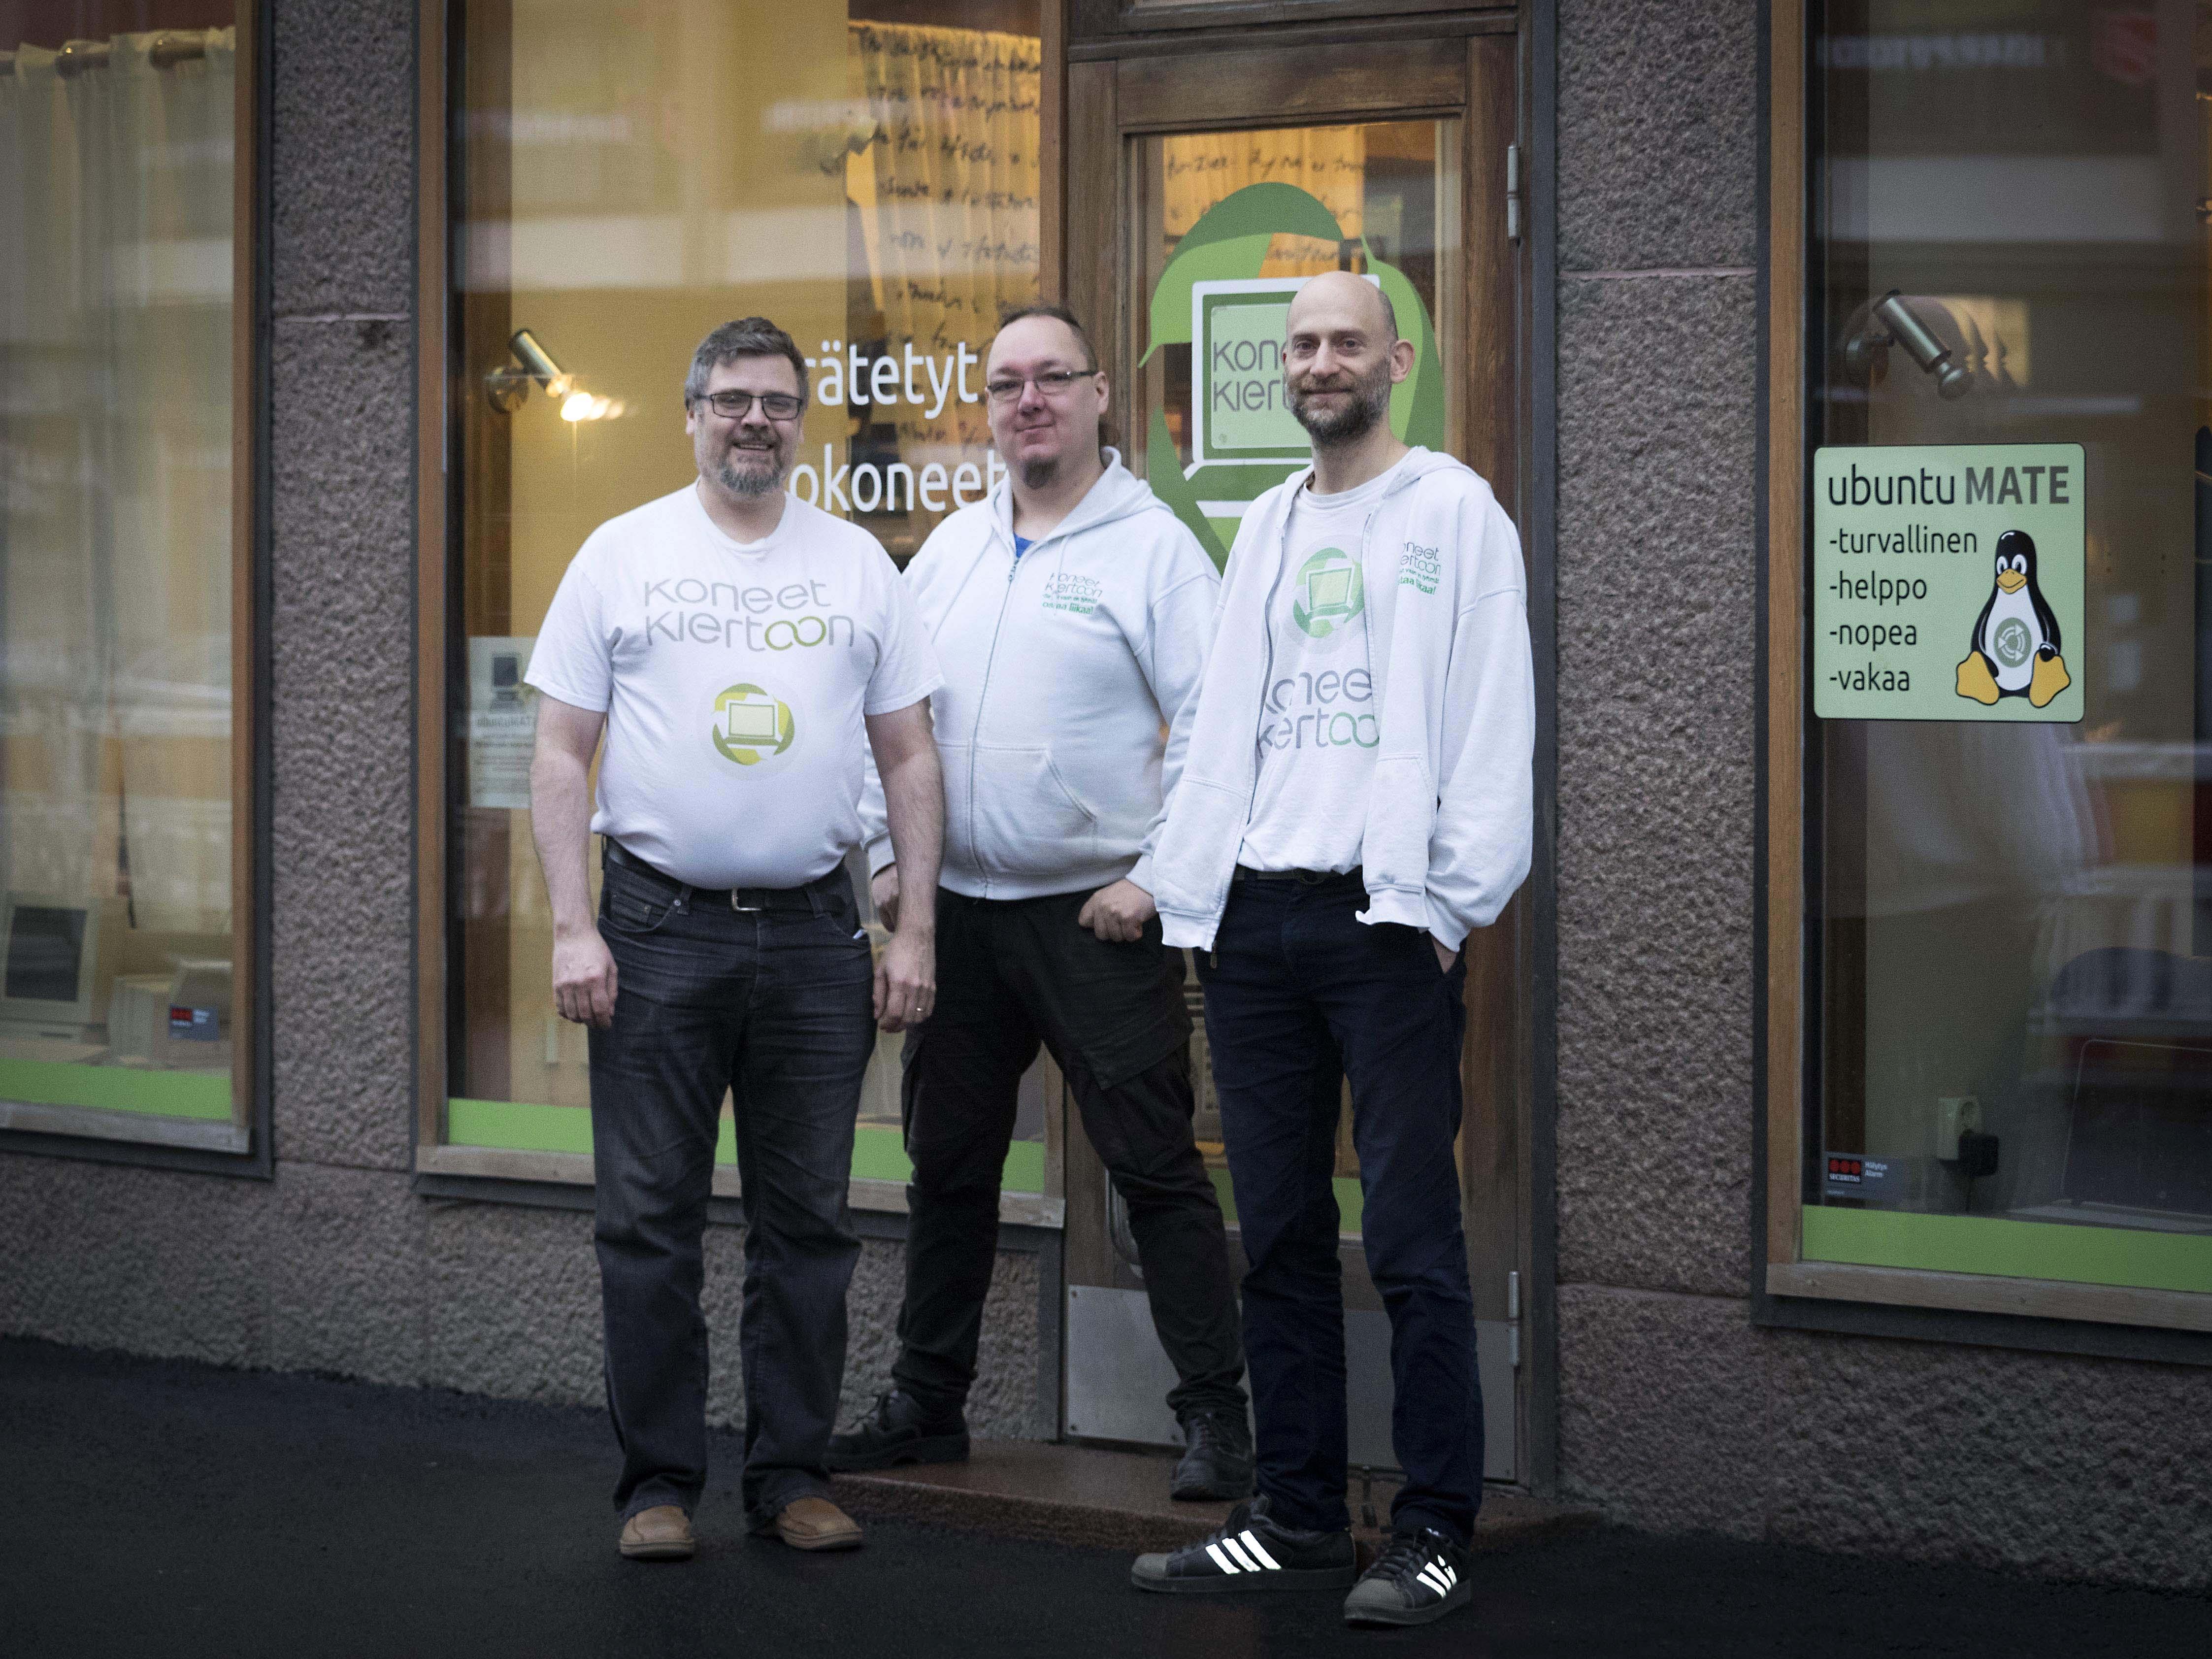 Koneet Kiertoon - Eero, Aki ja Attila huoltavat puhelimet ja tietokoneet